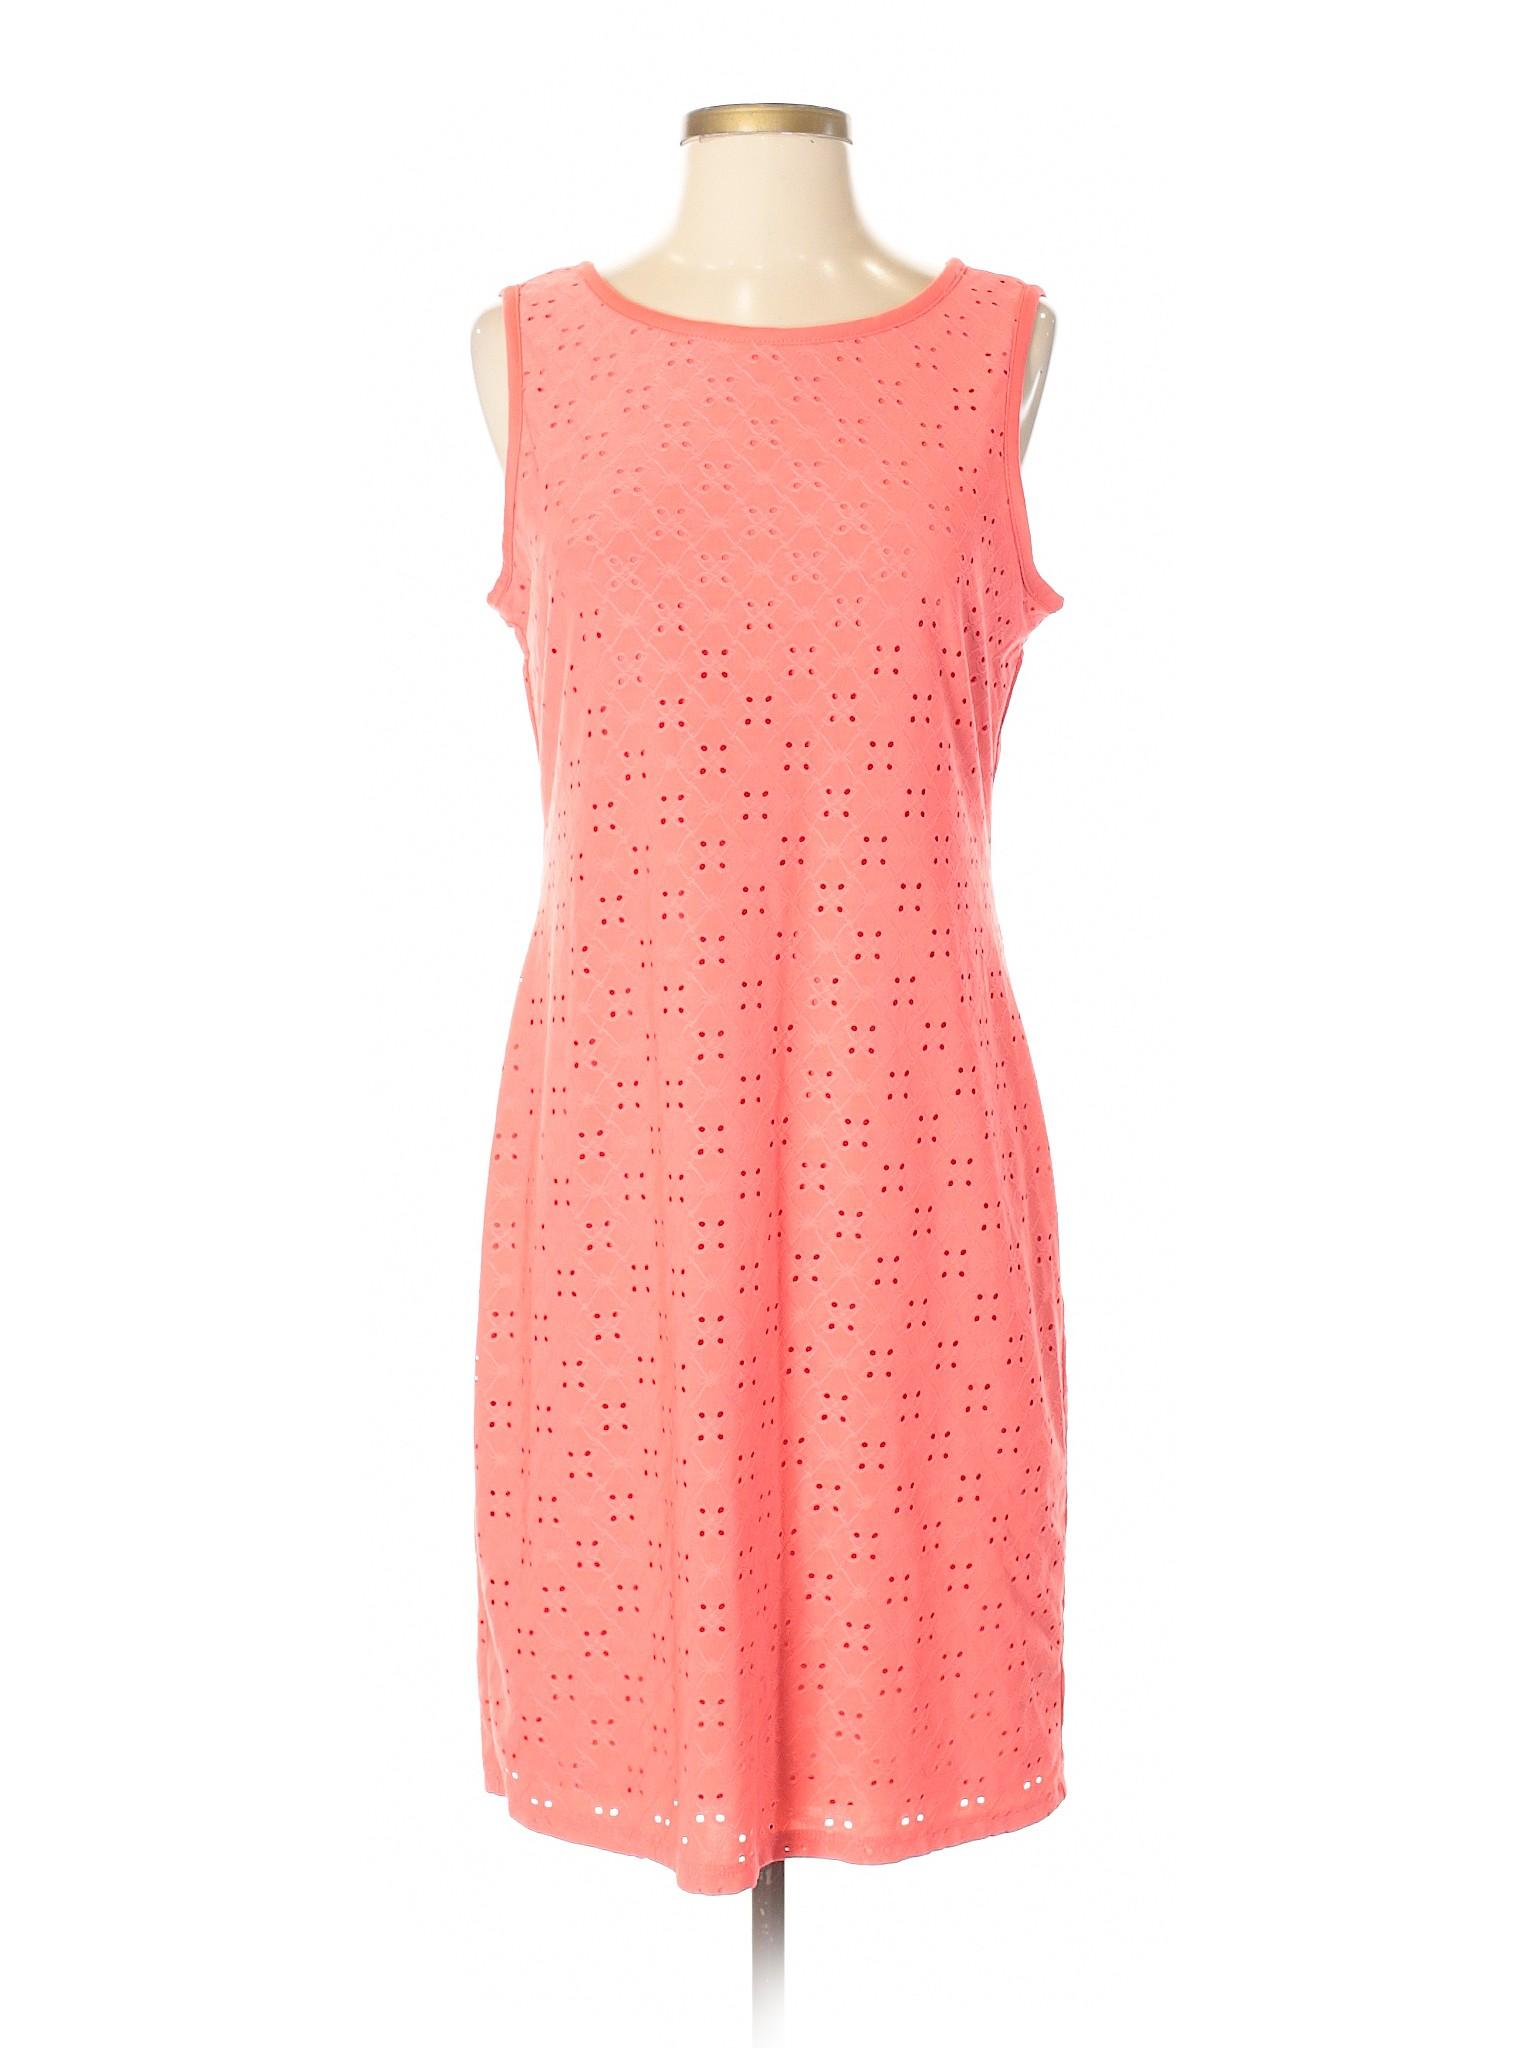 Nicole Ronni Boutique Casual winter Dress 81Uw0xSq